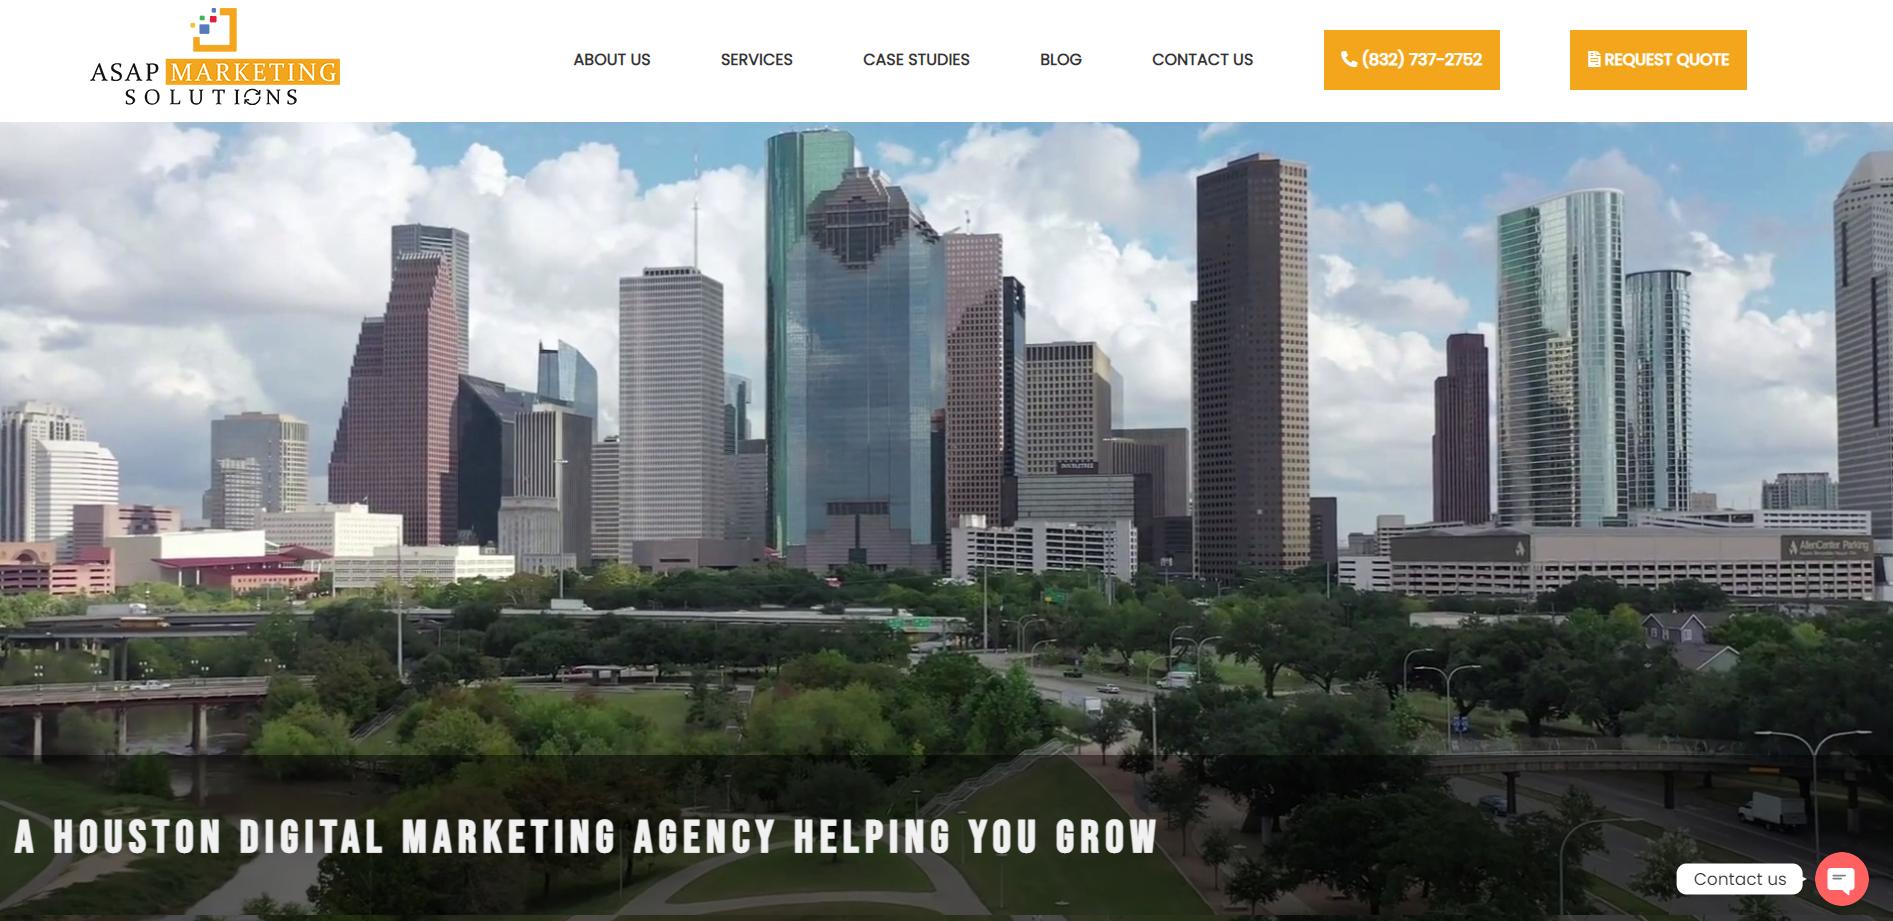 Houston digital marketing agency